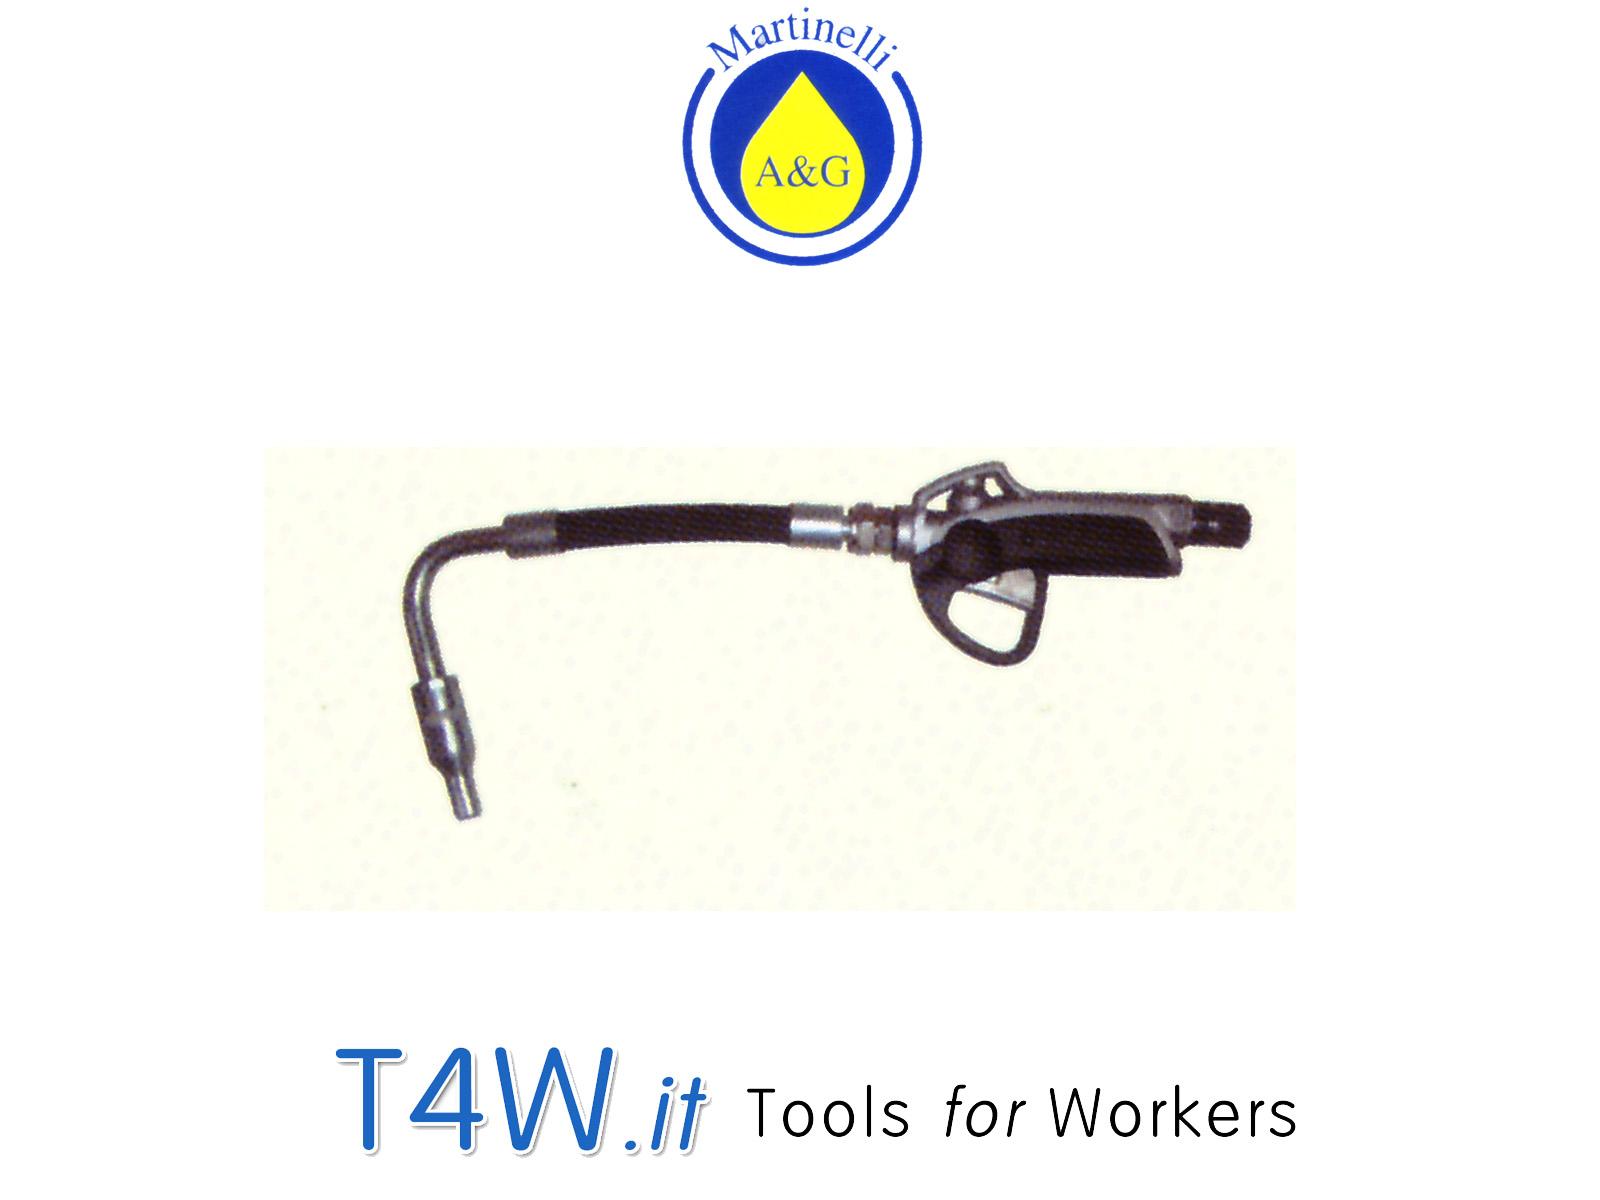 Pistola per olio con estremità flessibile Art. 3350 Martinelli -